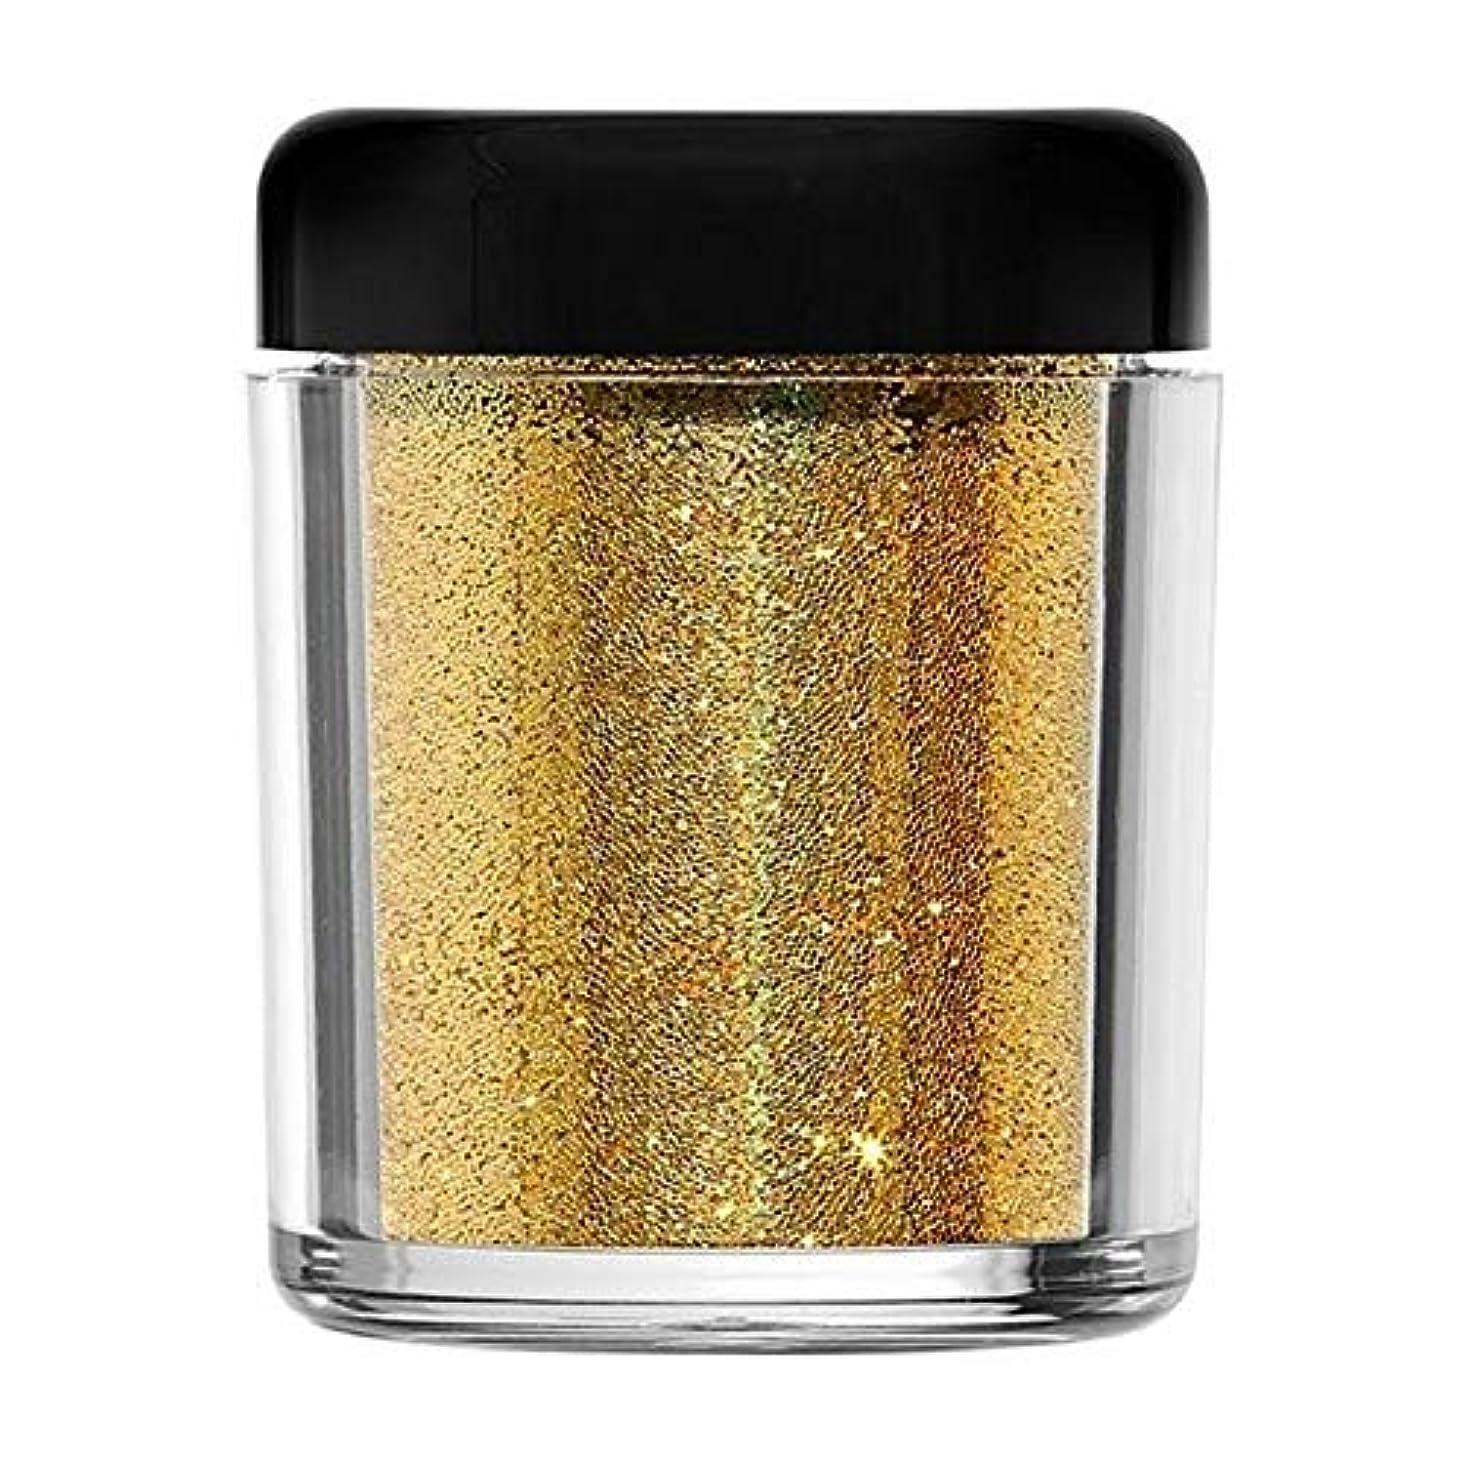 コミュニケーション海外で構成[Barry M ] バリーメートルのグリッターラッシュボディの輝き - 火の玉 - Barry M Glitter Rush Body Glitter - Fireball [並行輸入品]